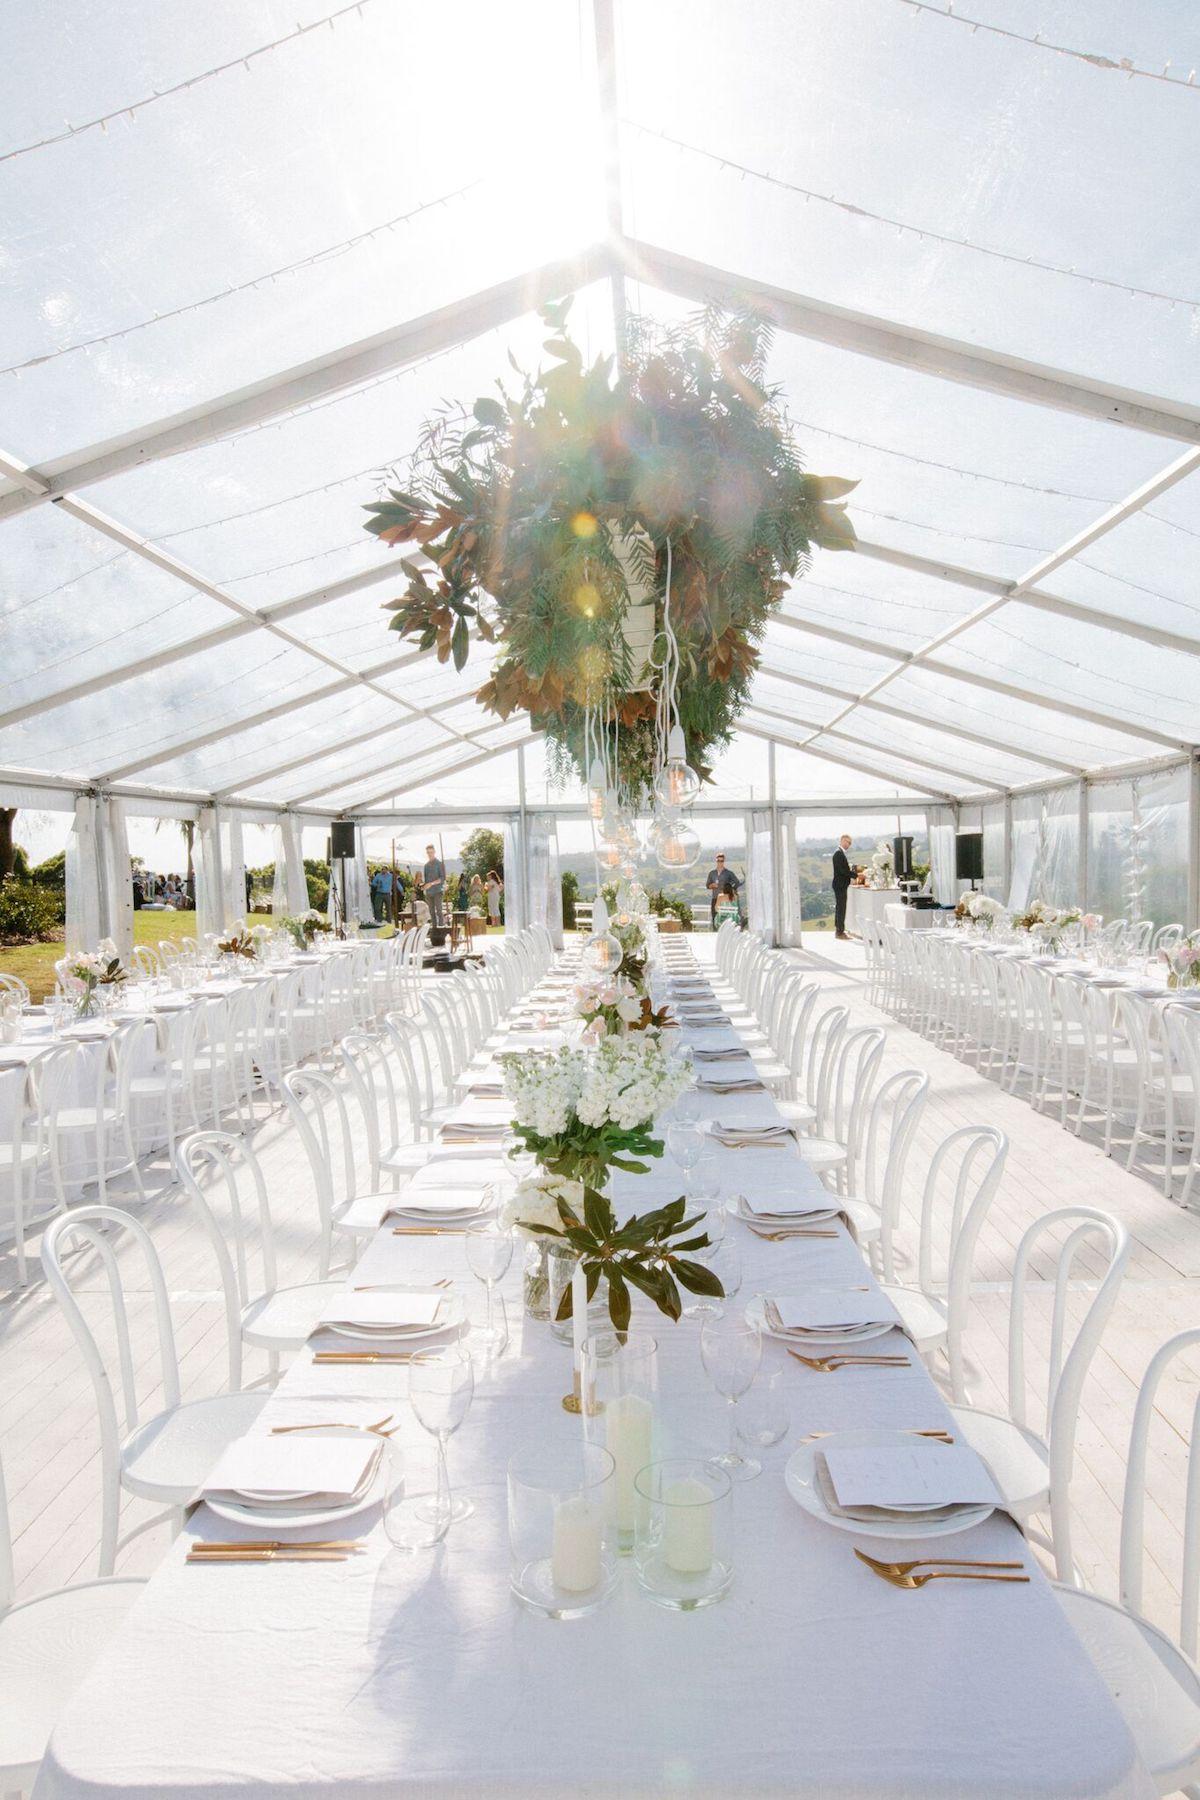 White on White Wedding Styling Inspiration21.jpeg